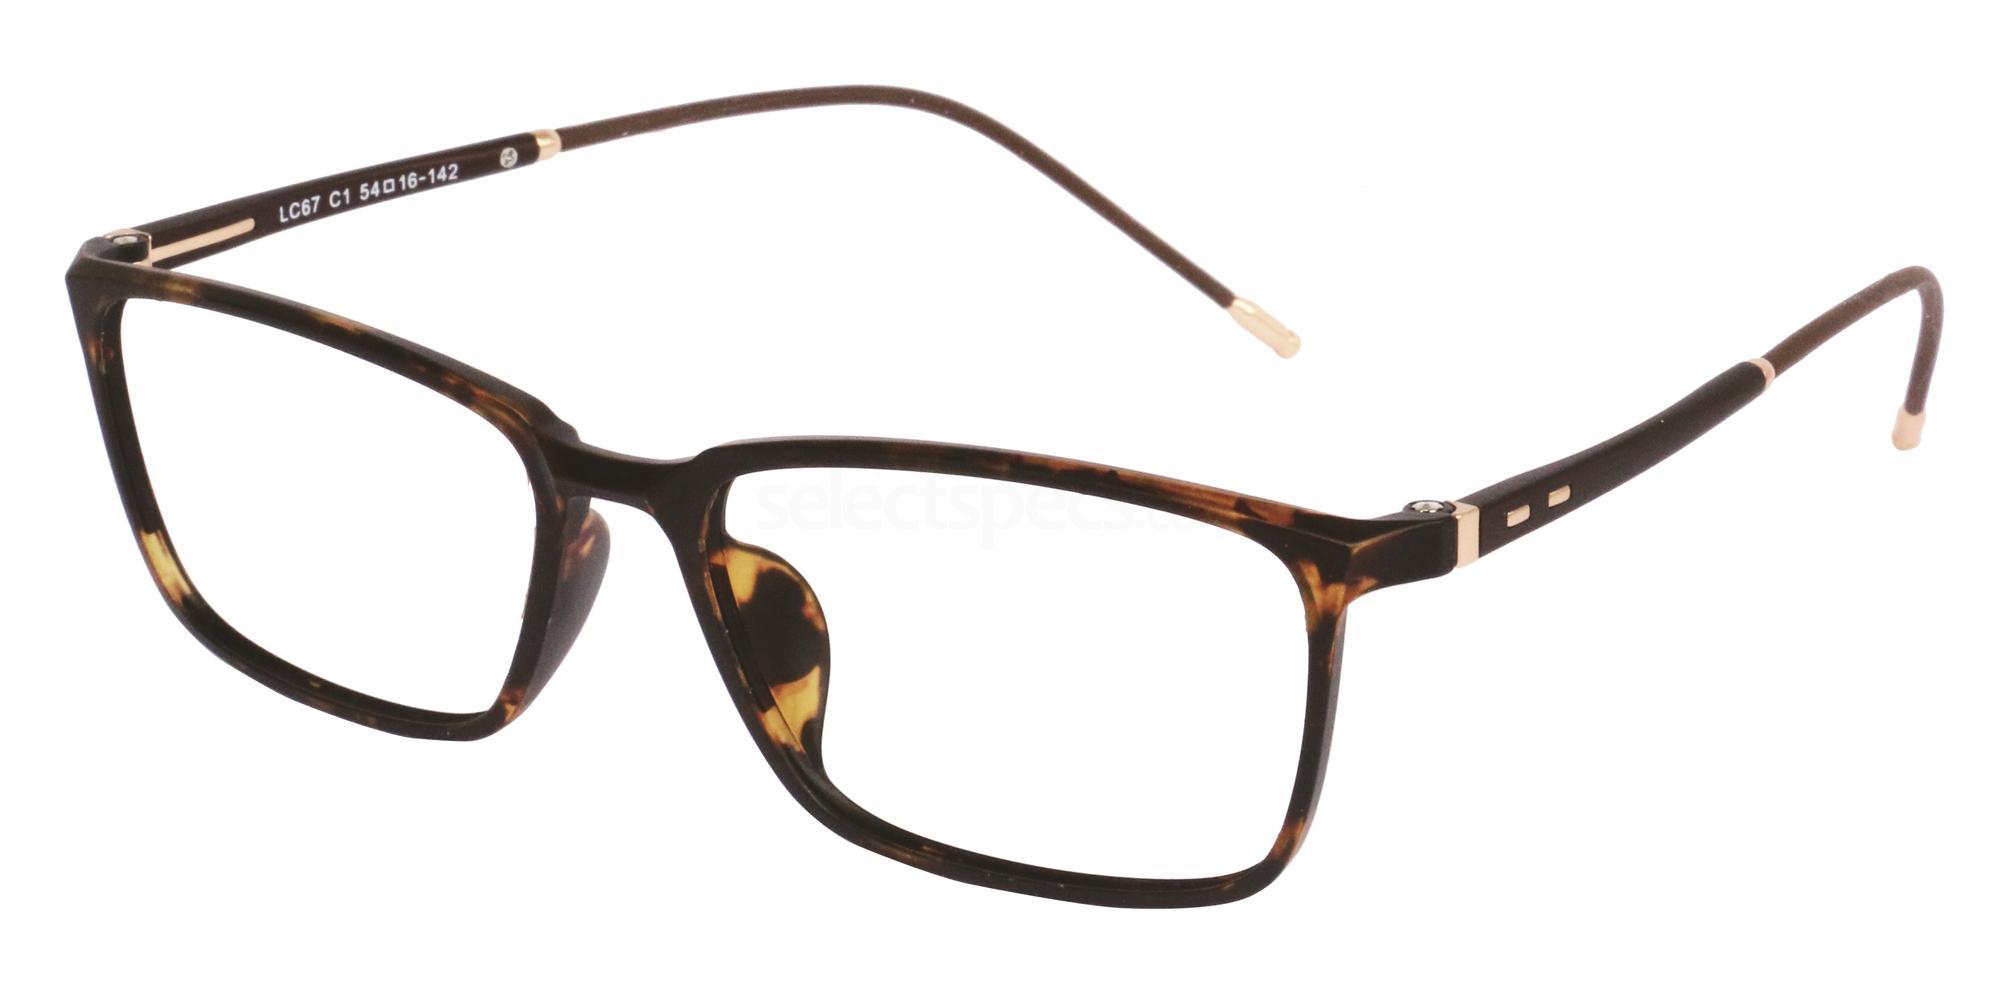 C1 LC67 Glasses, London Club